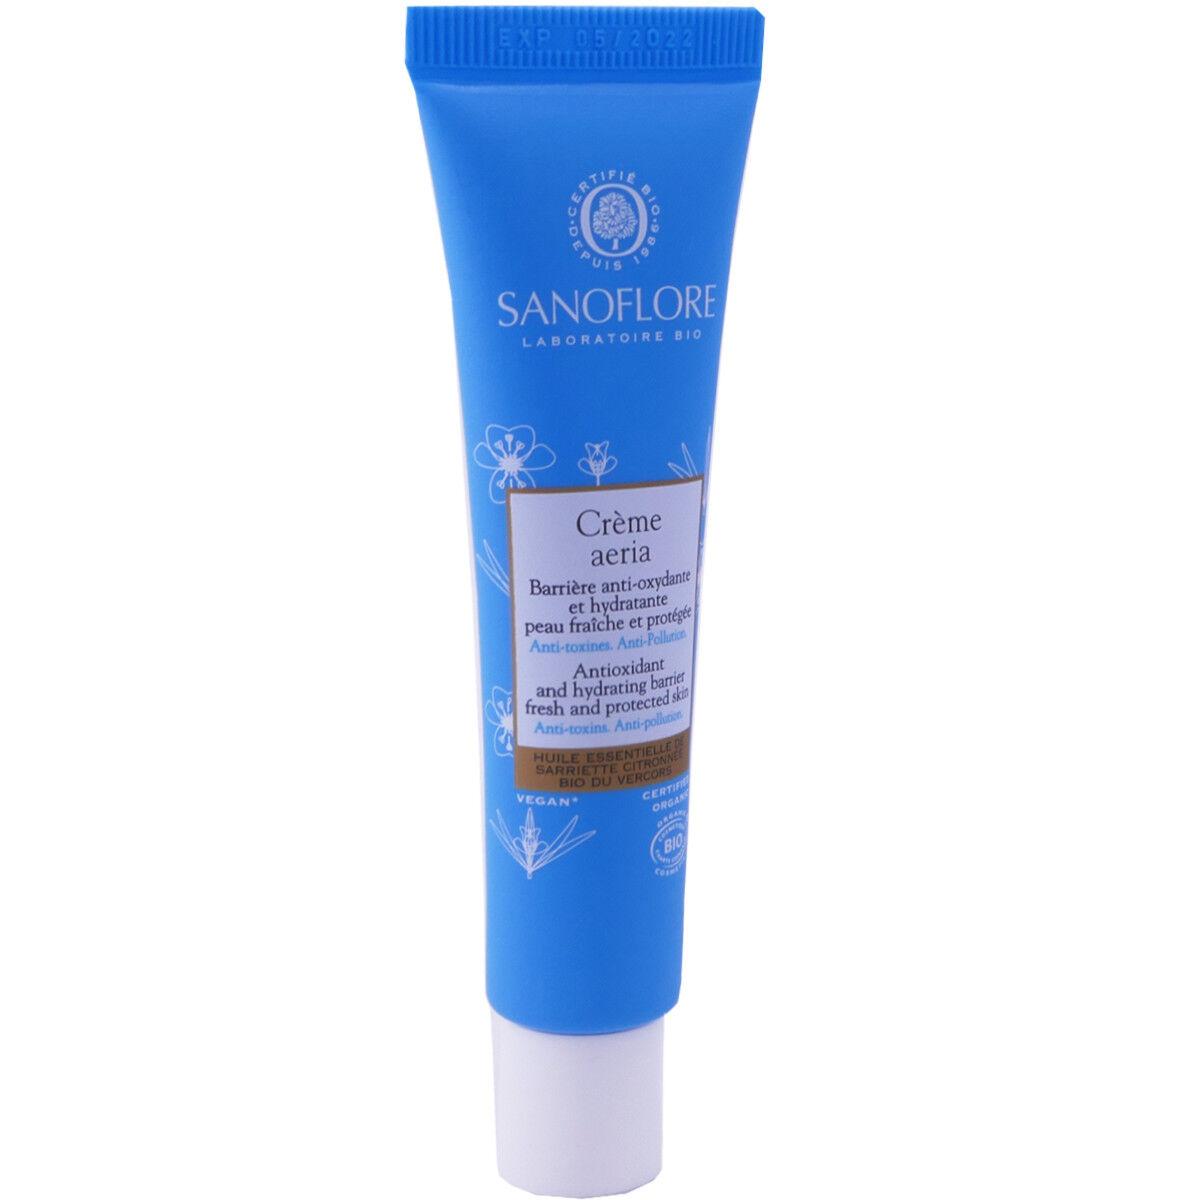 Sanoflore creme aeria barriere anti-oxydante 40 ml